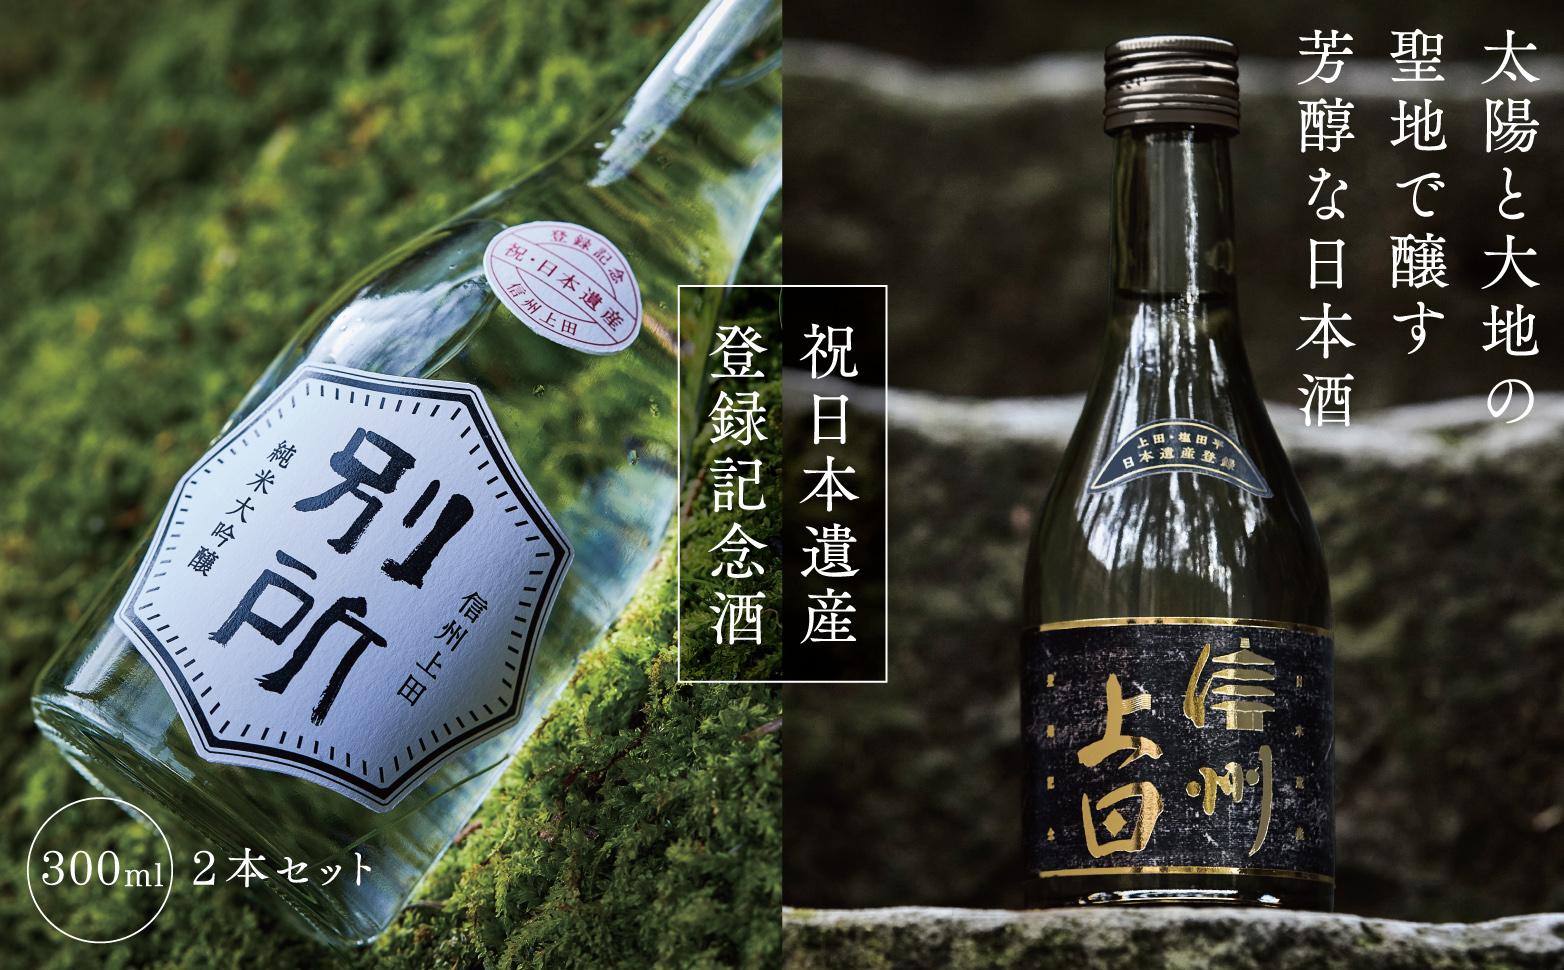 013-024 上田市地酒『信州上田』&『別所』2本セット・化粧箱入り